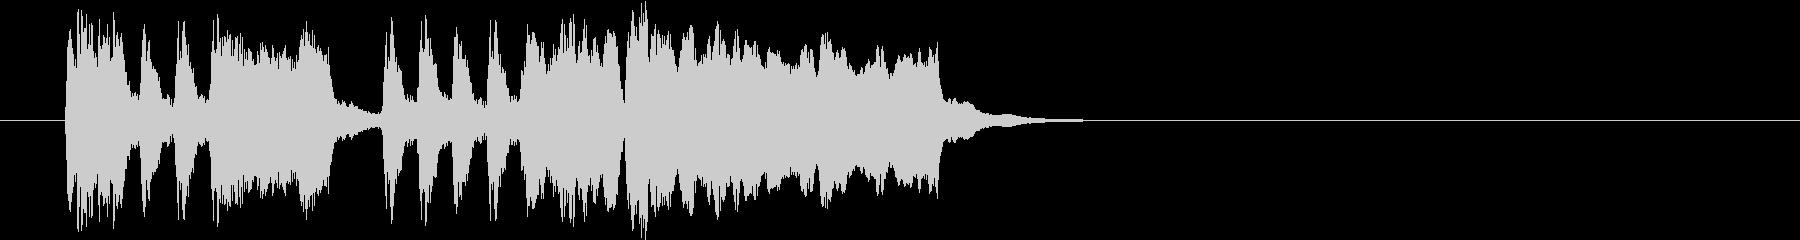 Tpファンファーレ 普通め遅め弾みめの未再生の波形